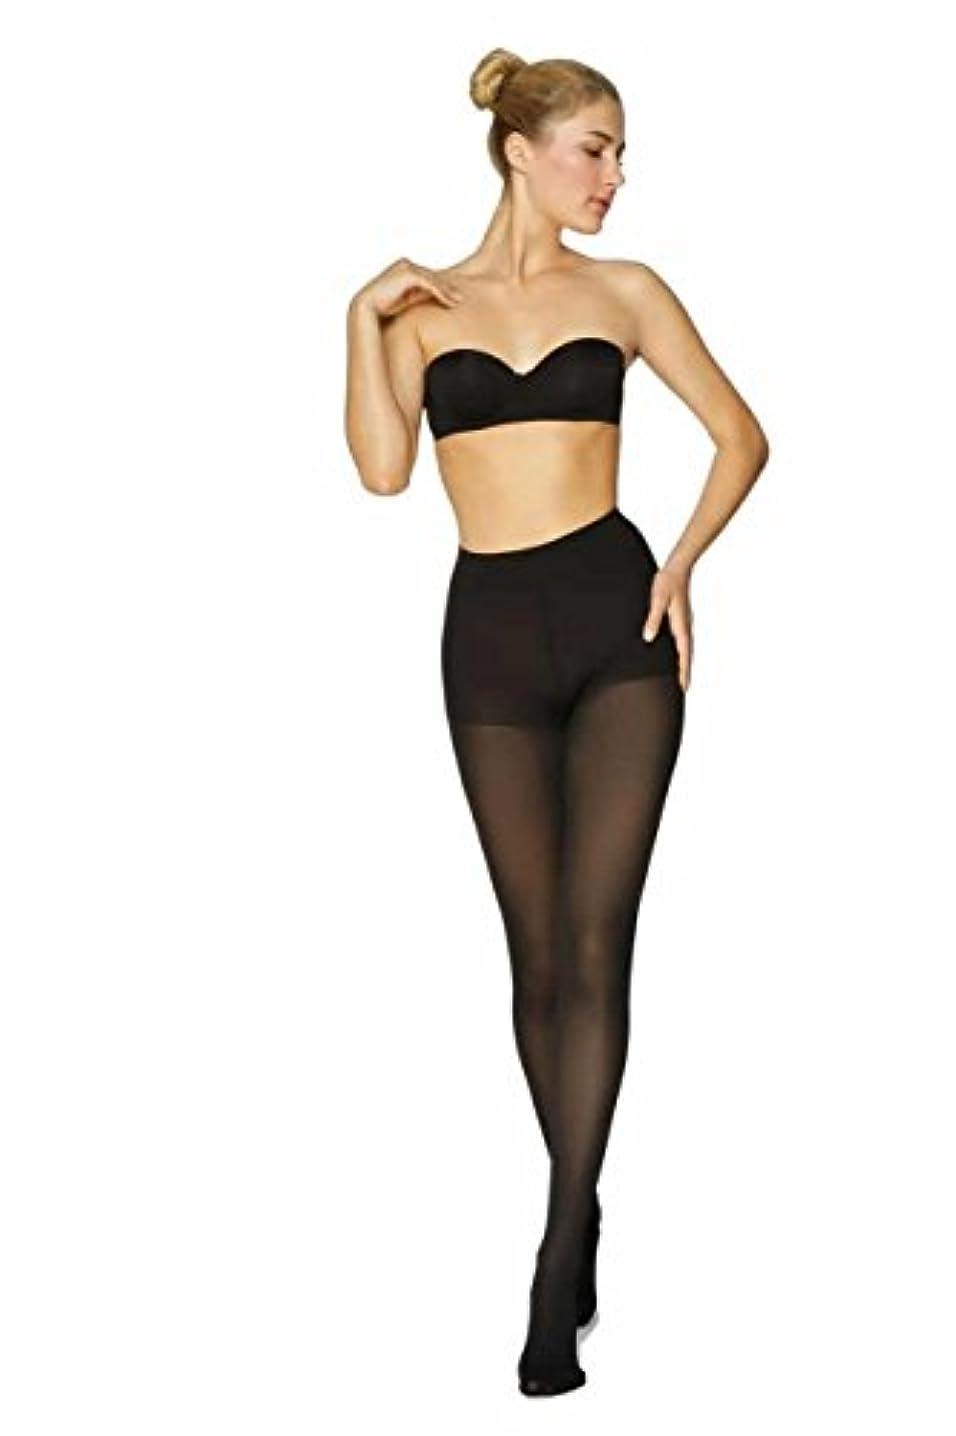 一般的な春製品BeFit24 医療用着圧タイツ クラス 2 (23-32 mmHg) 男性?女性用 ーあらゆるラ イフスタイルのニーズに対応ー ヨーロッパ製 Large Black